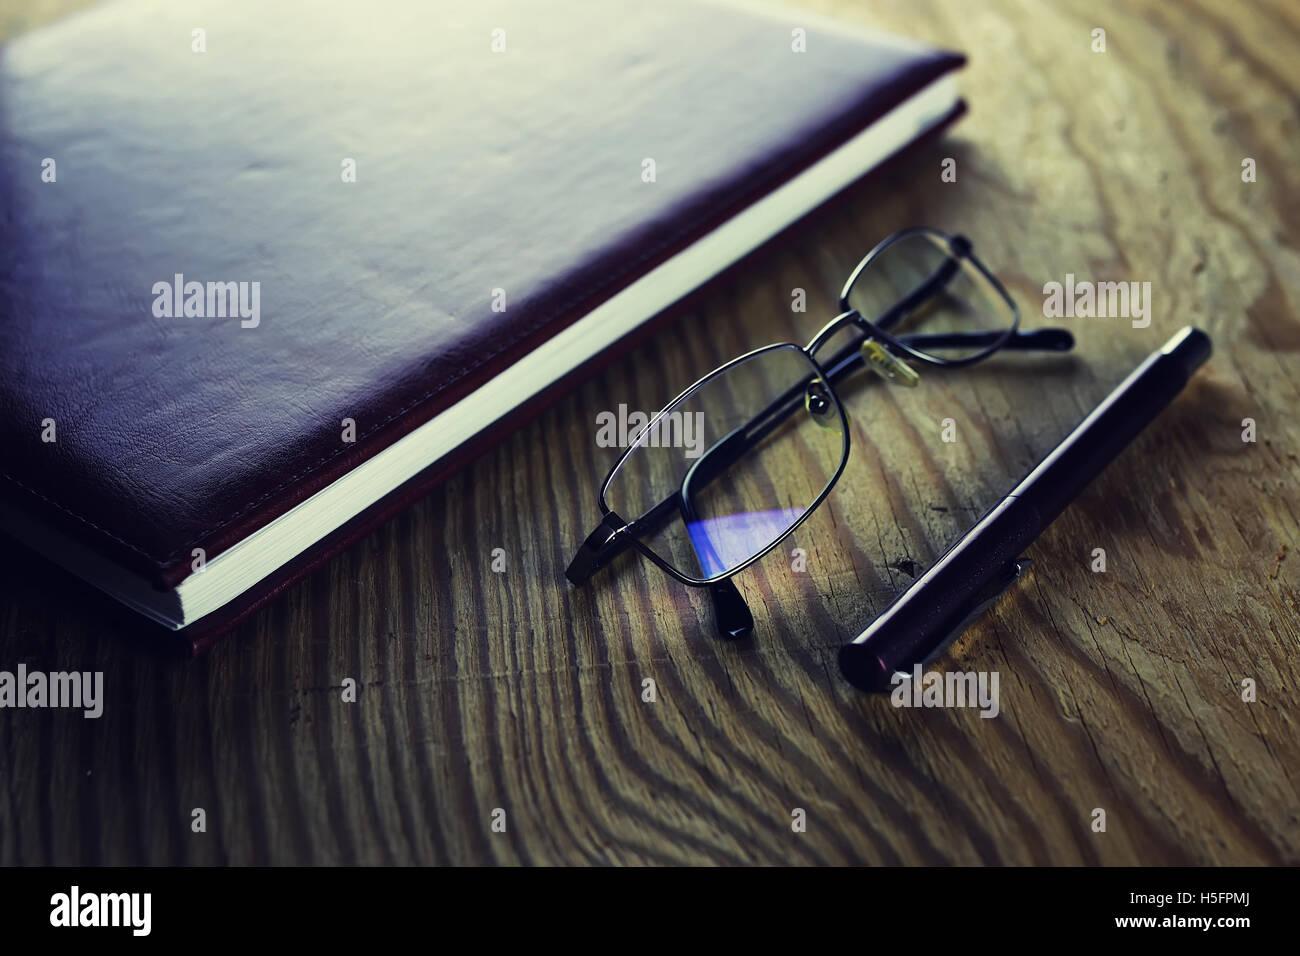 Business-Stift-Gläser-notebook Stockfoto